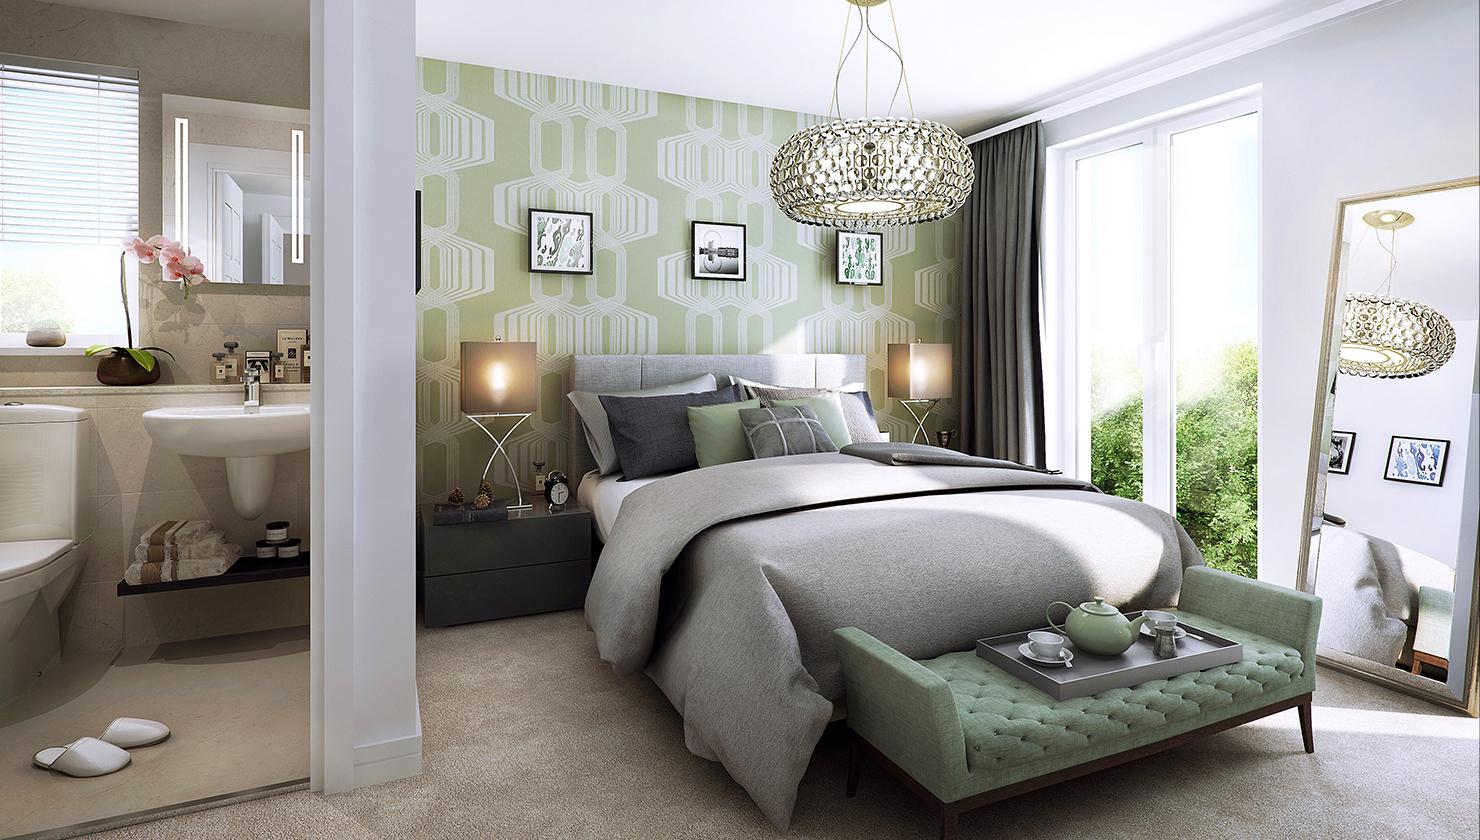 B1-Bedroom1-1920A.jpg